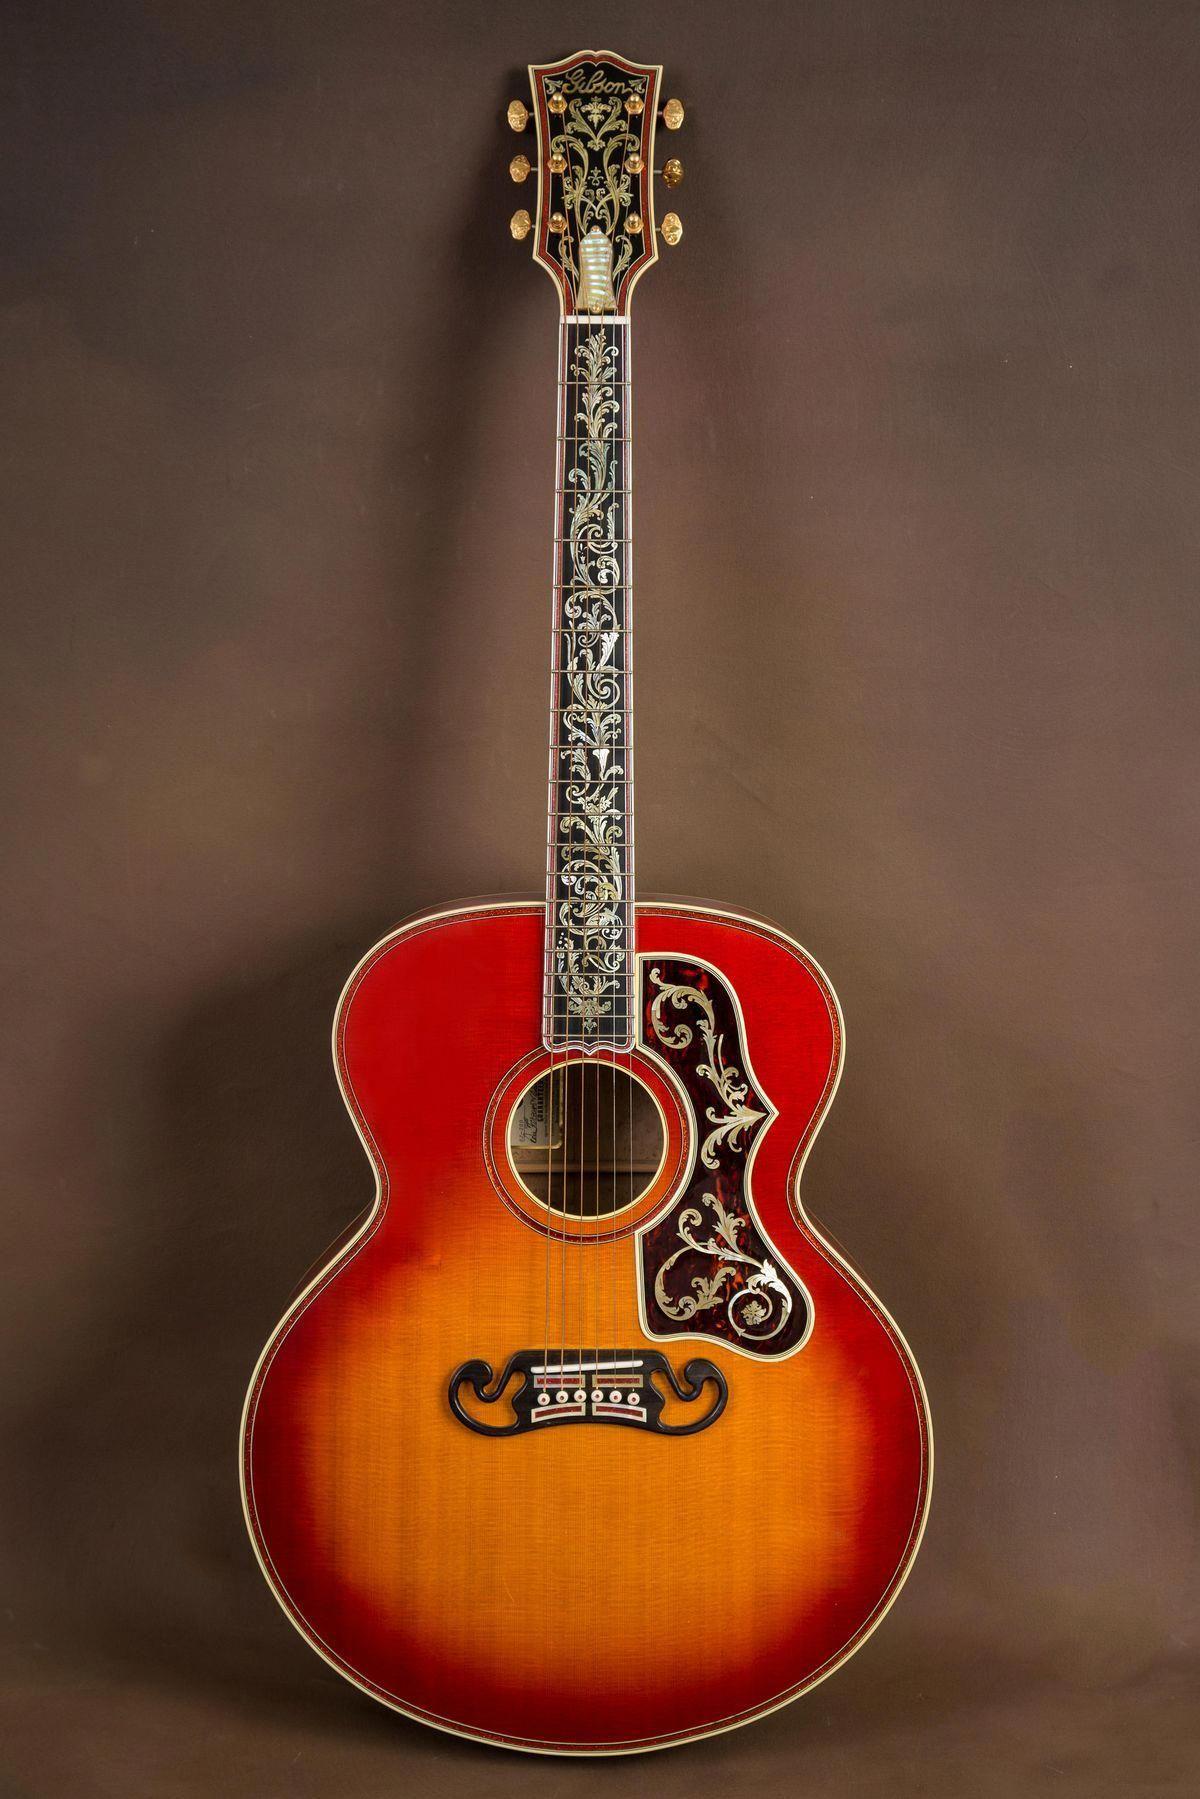 Coolest Acoustic Guitars Lessons Acousticguitarslessons Music Instruments Guitar Music Guitar Acoustic Guitar